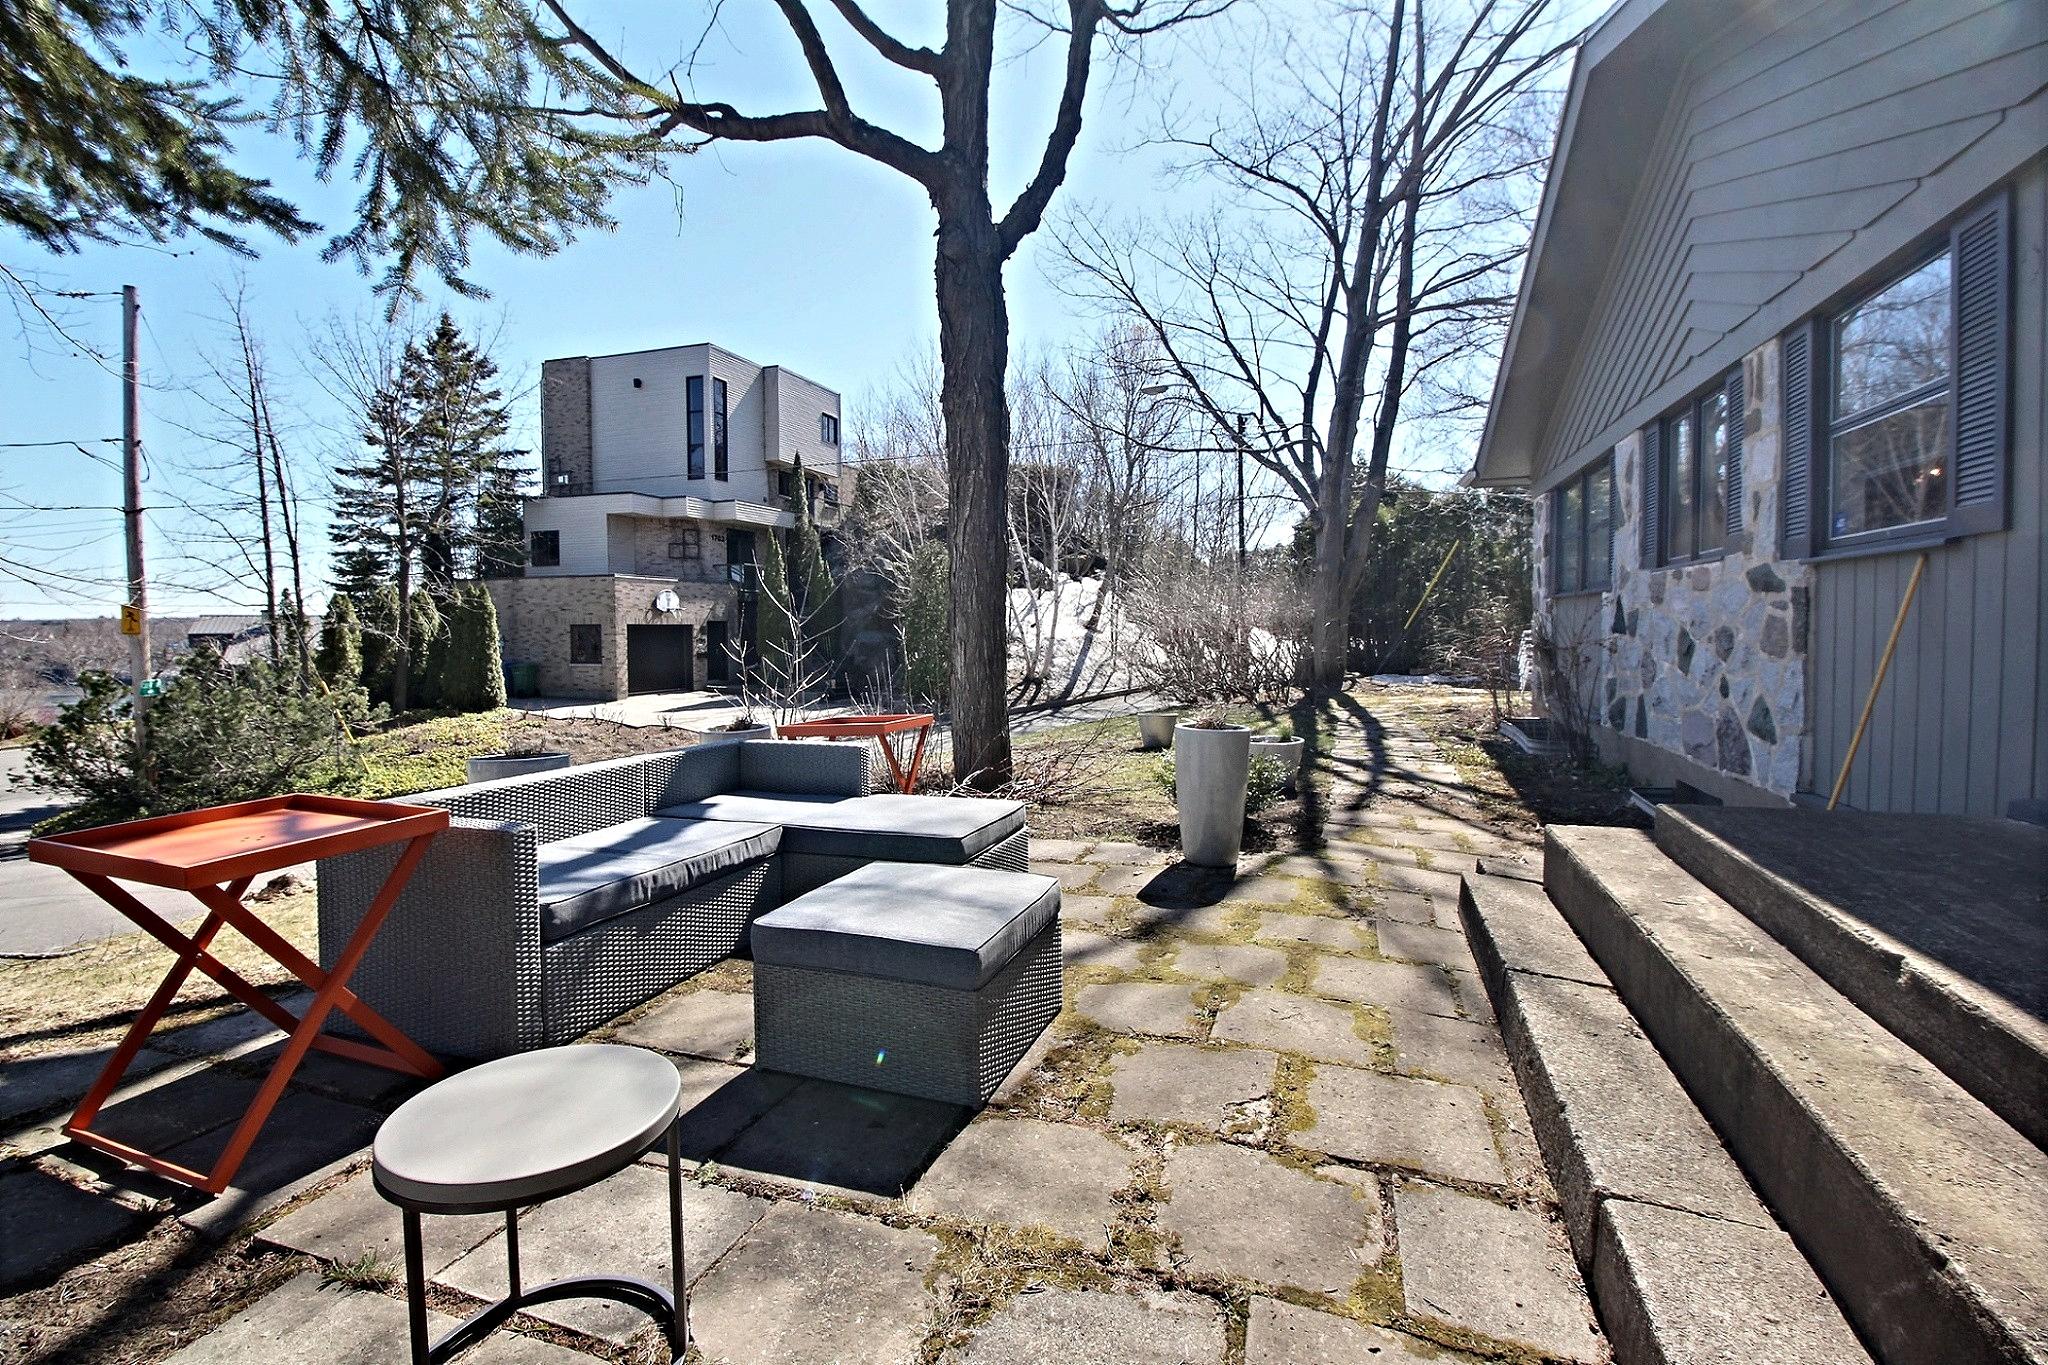 Maison à vendre Québec secteur St-Louis 3018 Rue de la Promenade (22).jpg